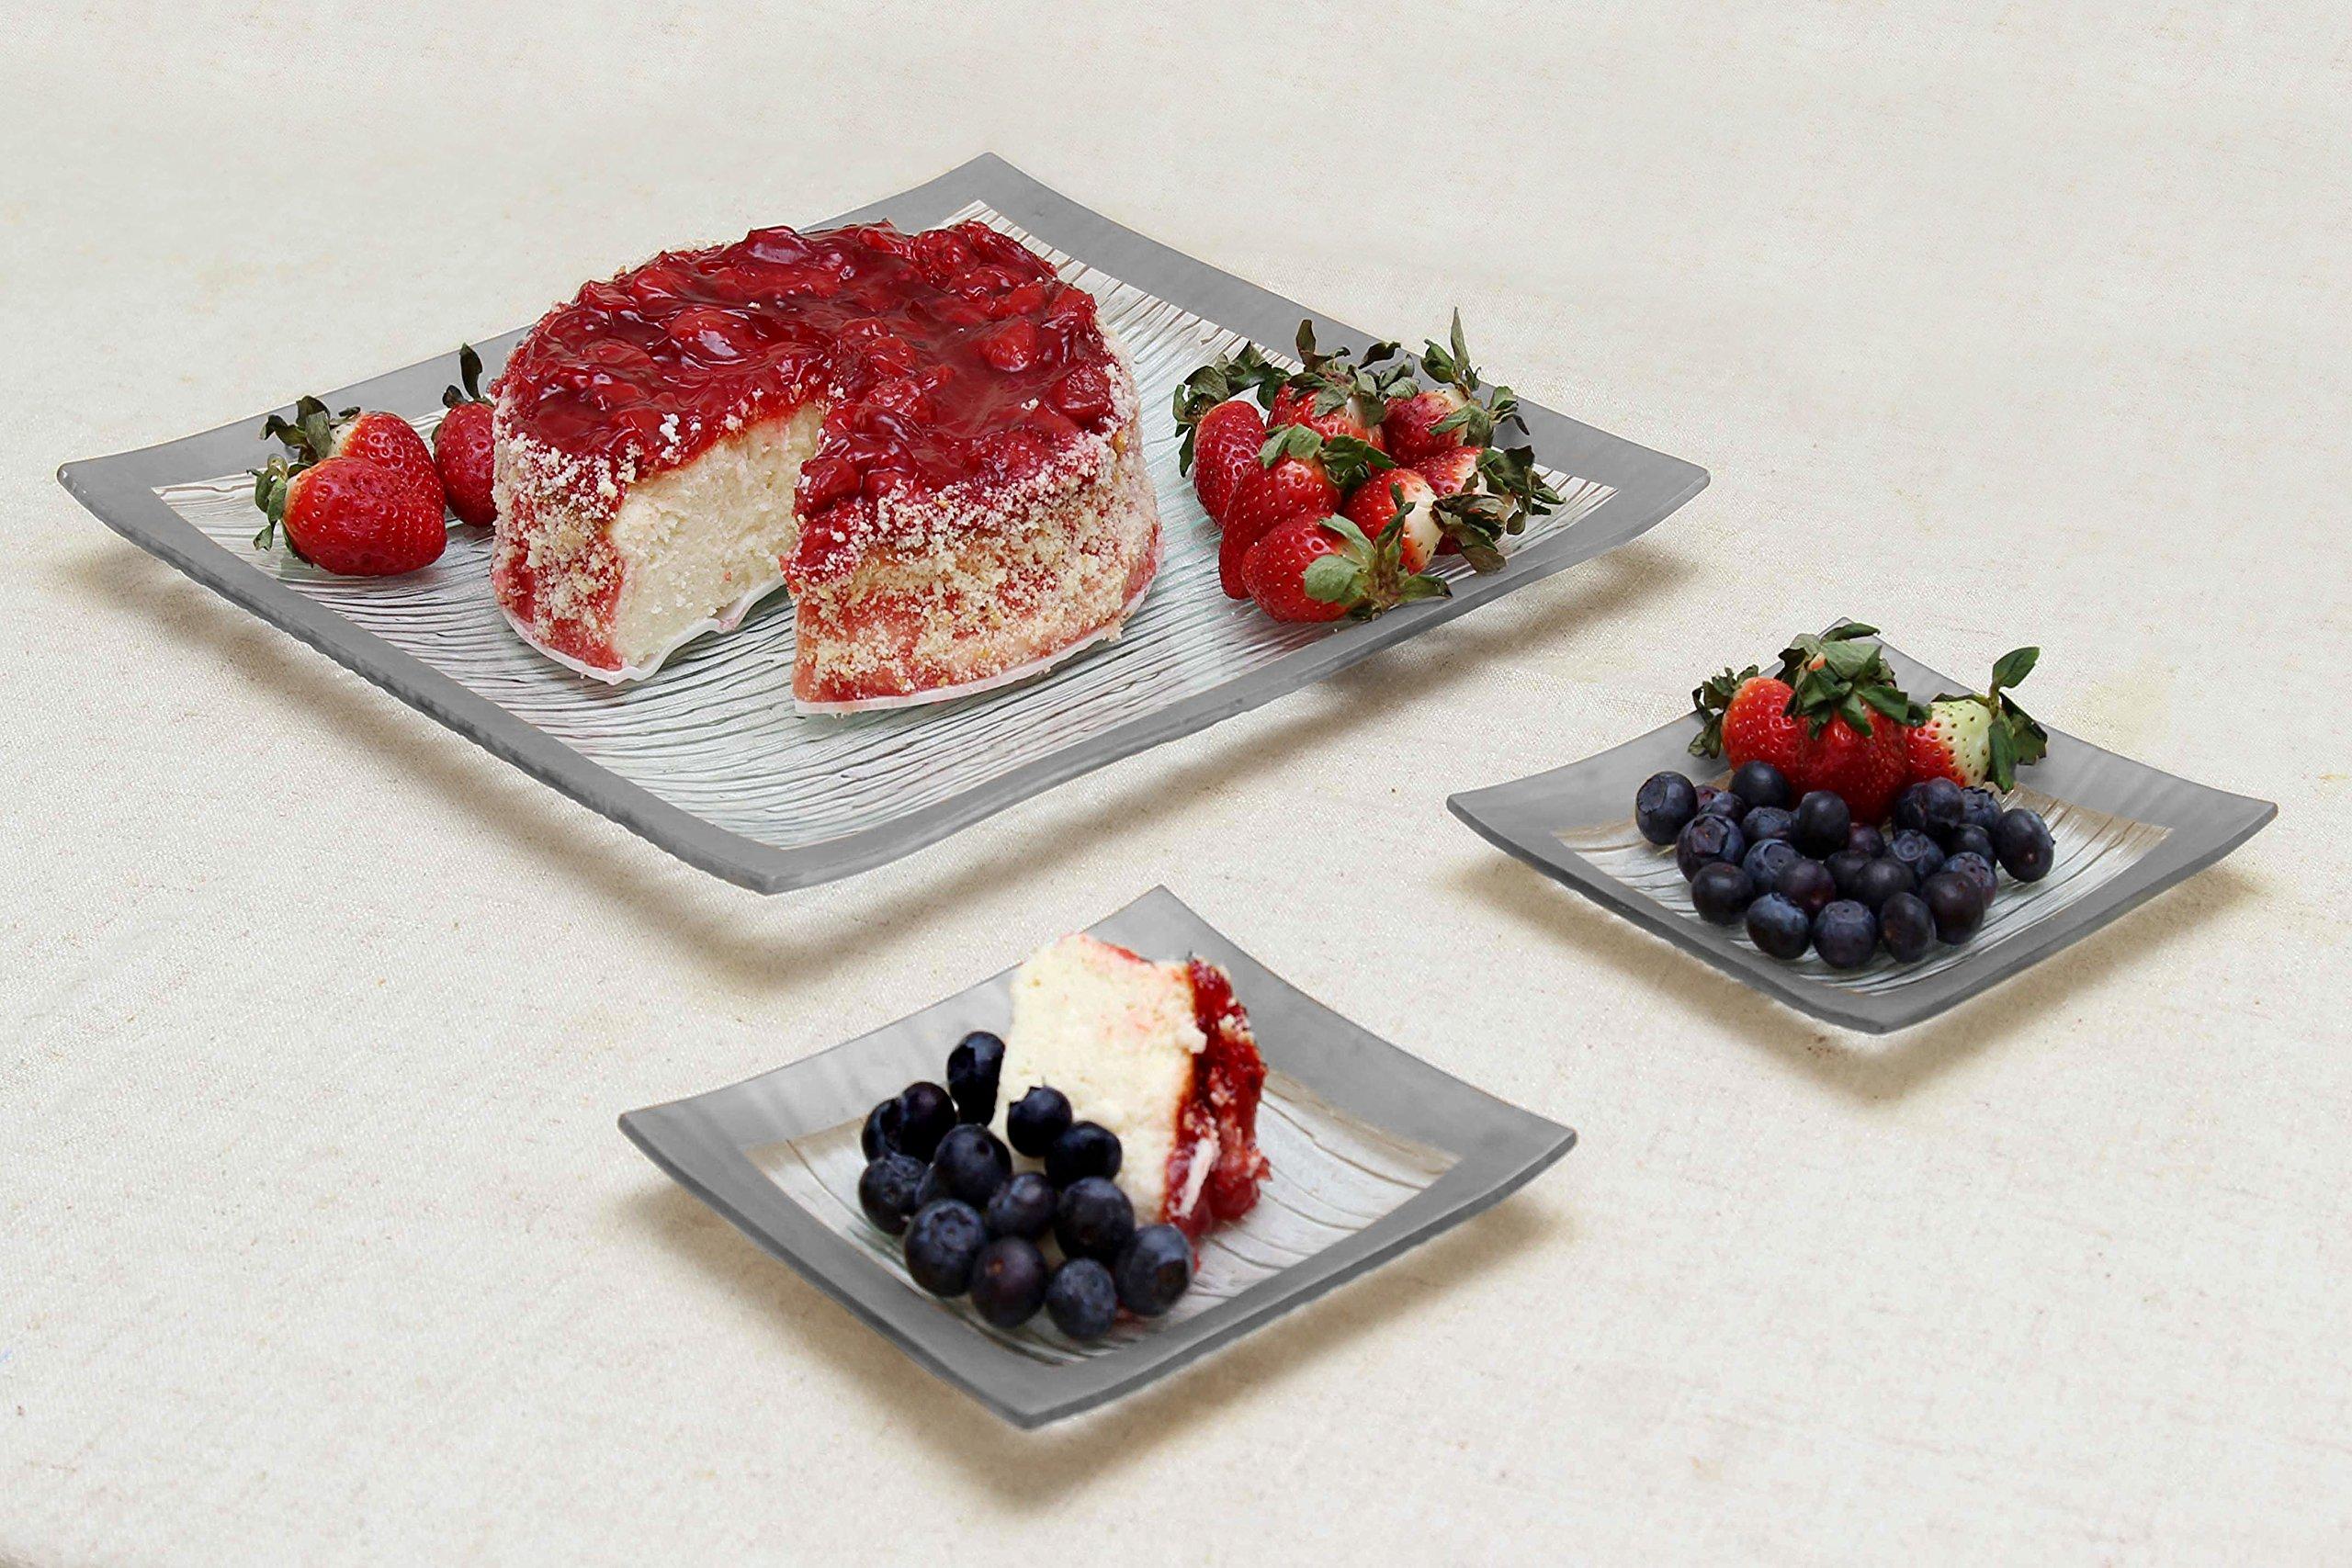 GAC Elegant Designed Square Tempered Glass Dessert Plates Set of 4 – Break and Chip Resistant - Oven Proof - Microwave Safe - Dishwasher Safe 6 Inch by GAC (Image #4)